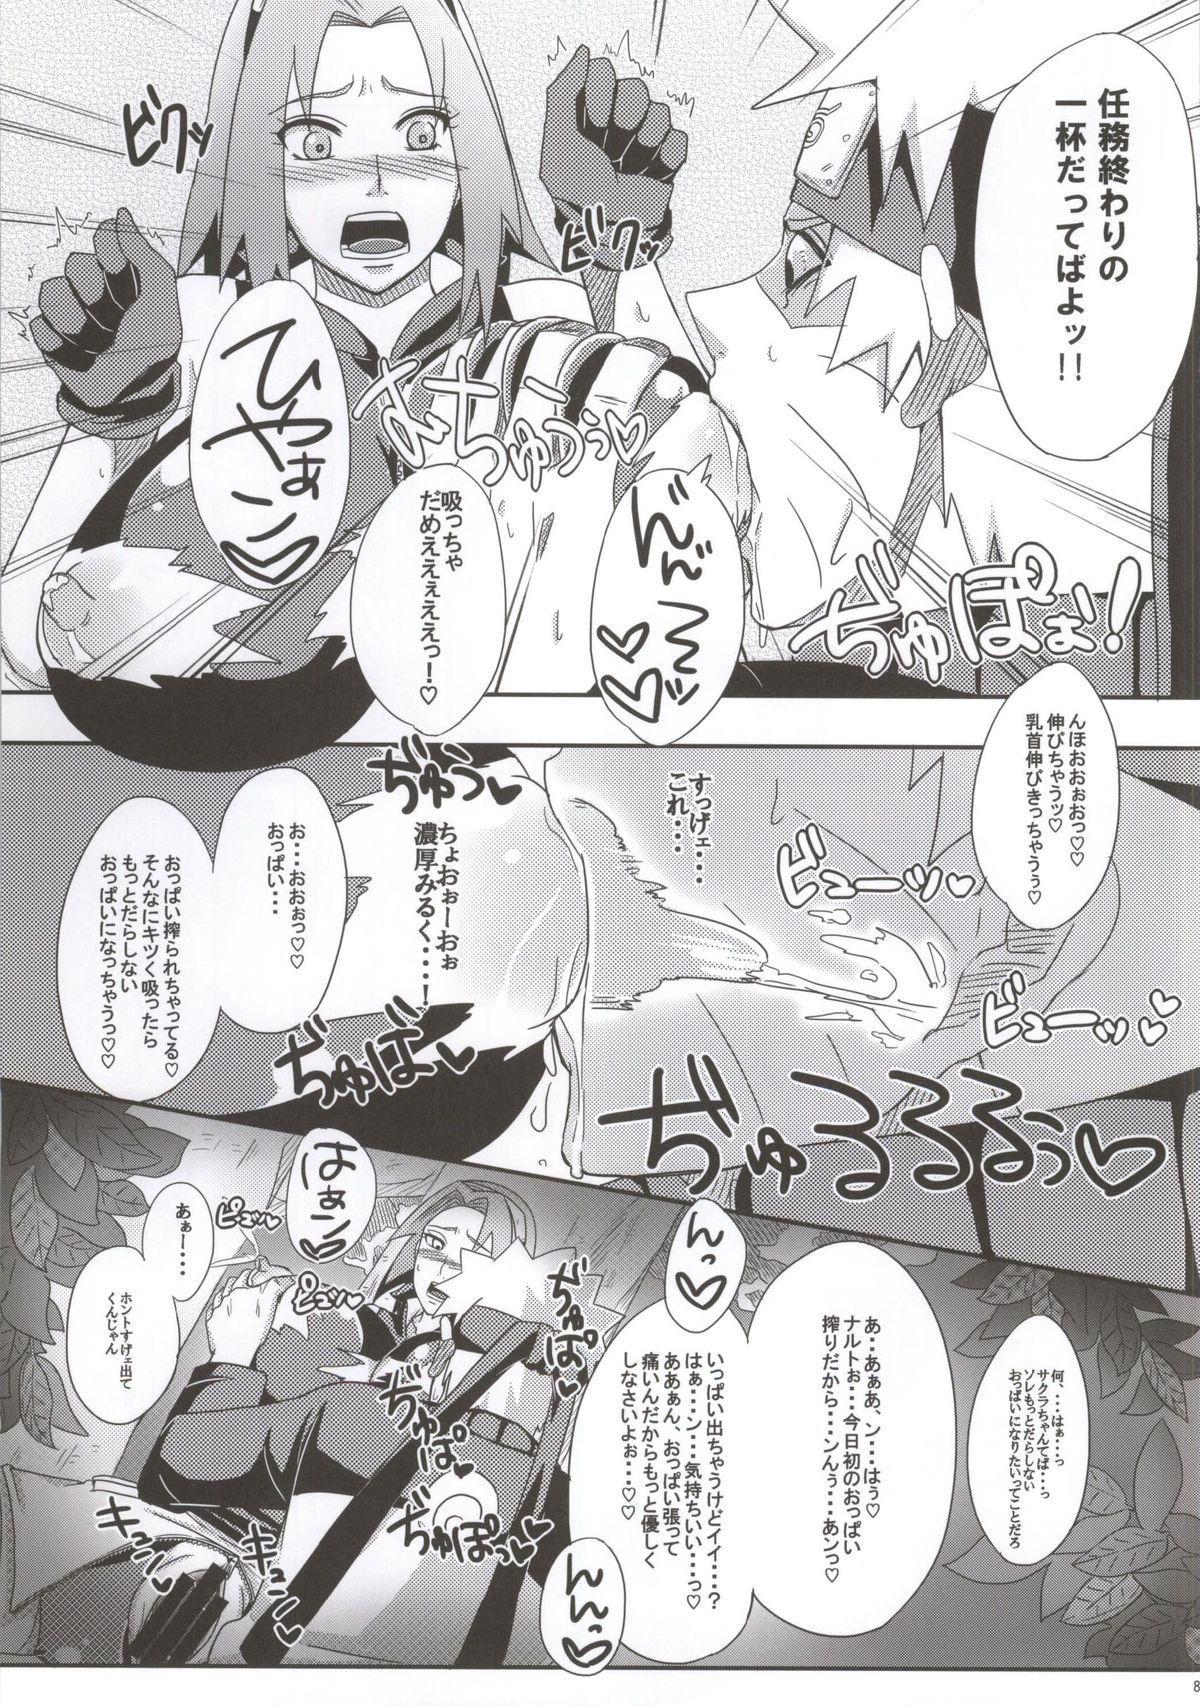 Shinobi no Kokoroe 85